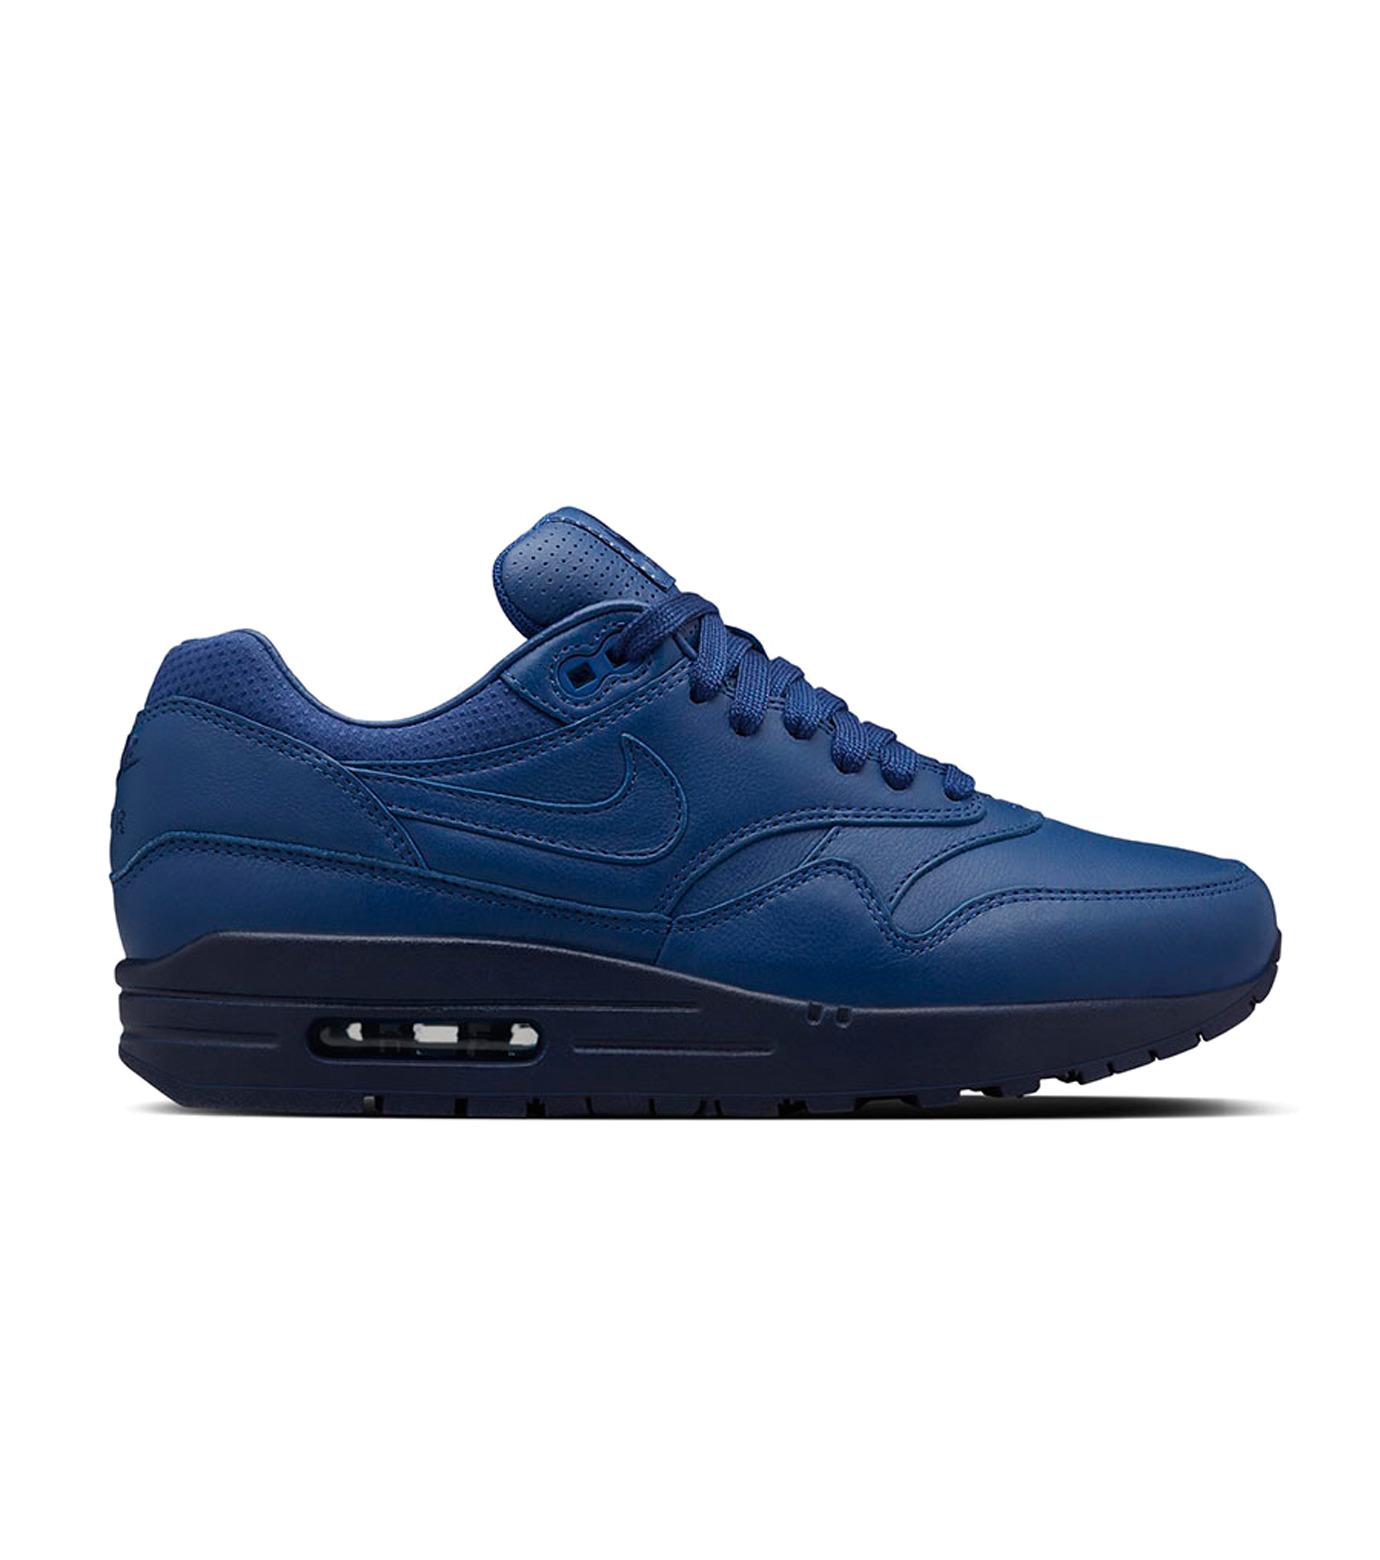 NIKE(ナイキ)のWMNS AIR MAX 1 PINNACLE-BLUE(シューズ/shoes)-839608-400-92 拡大詳細画像1